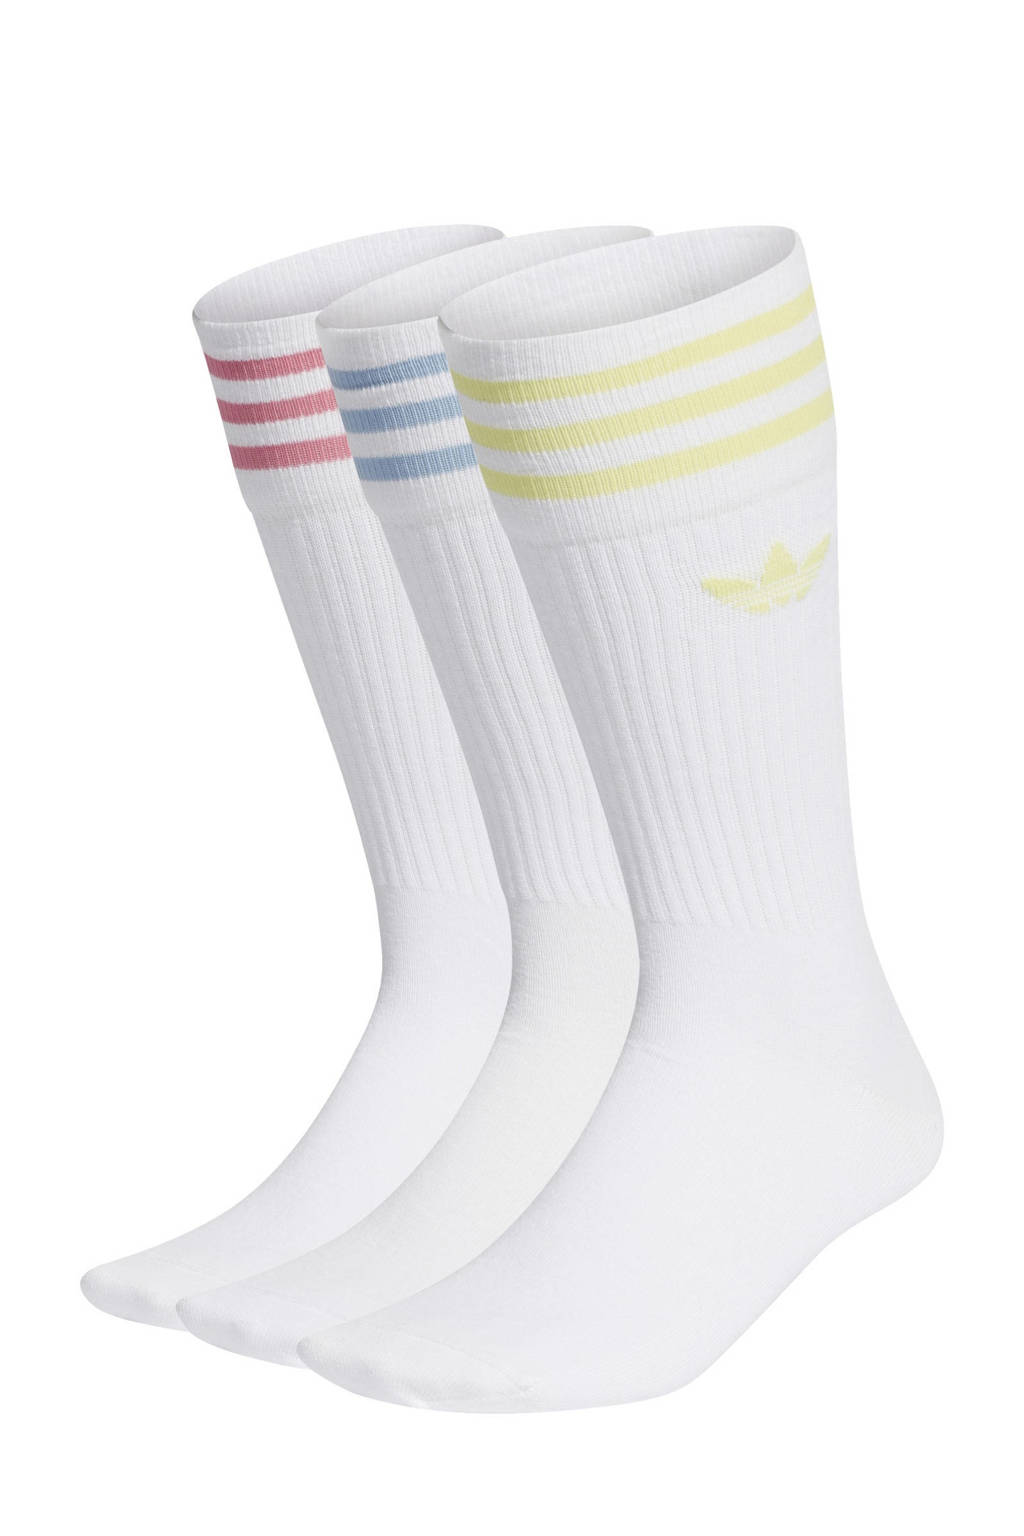 adidas Originals Adicolor sokken - set van 3 wit/geel/lichtroze/lichtblauw